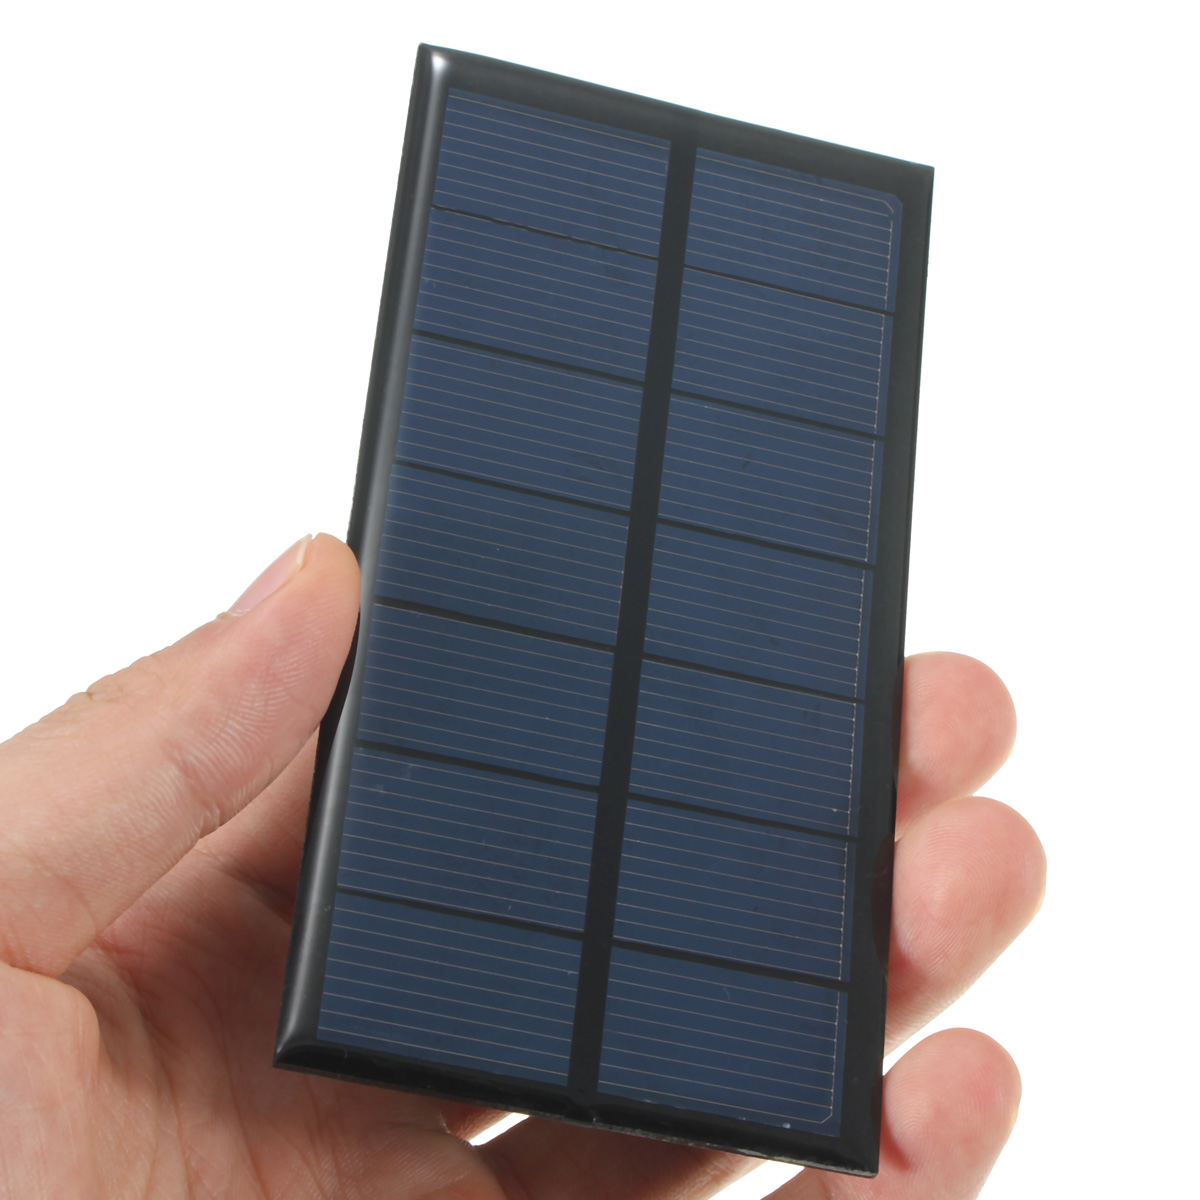 Pannello Solare Per Ricarica Batteria Barca : Molti tipi pannello solare fotovoltaico ideale for auto